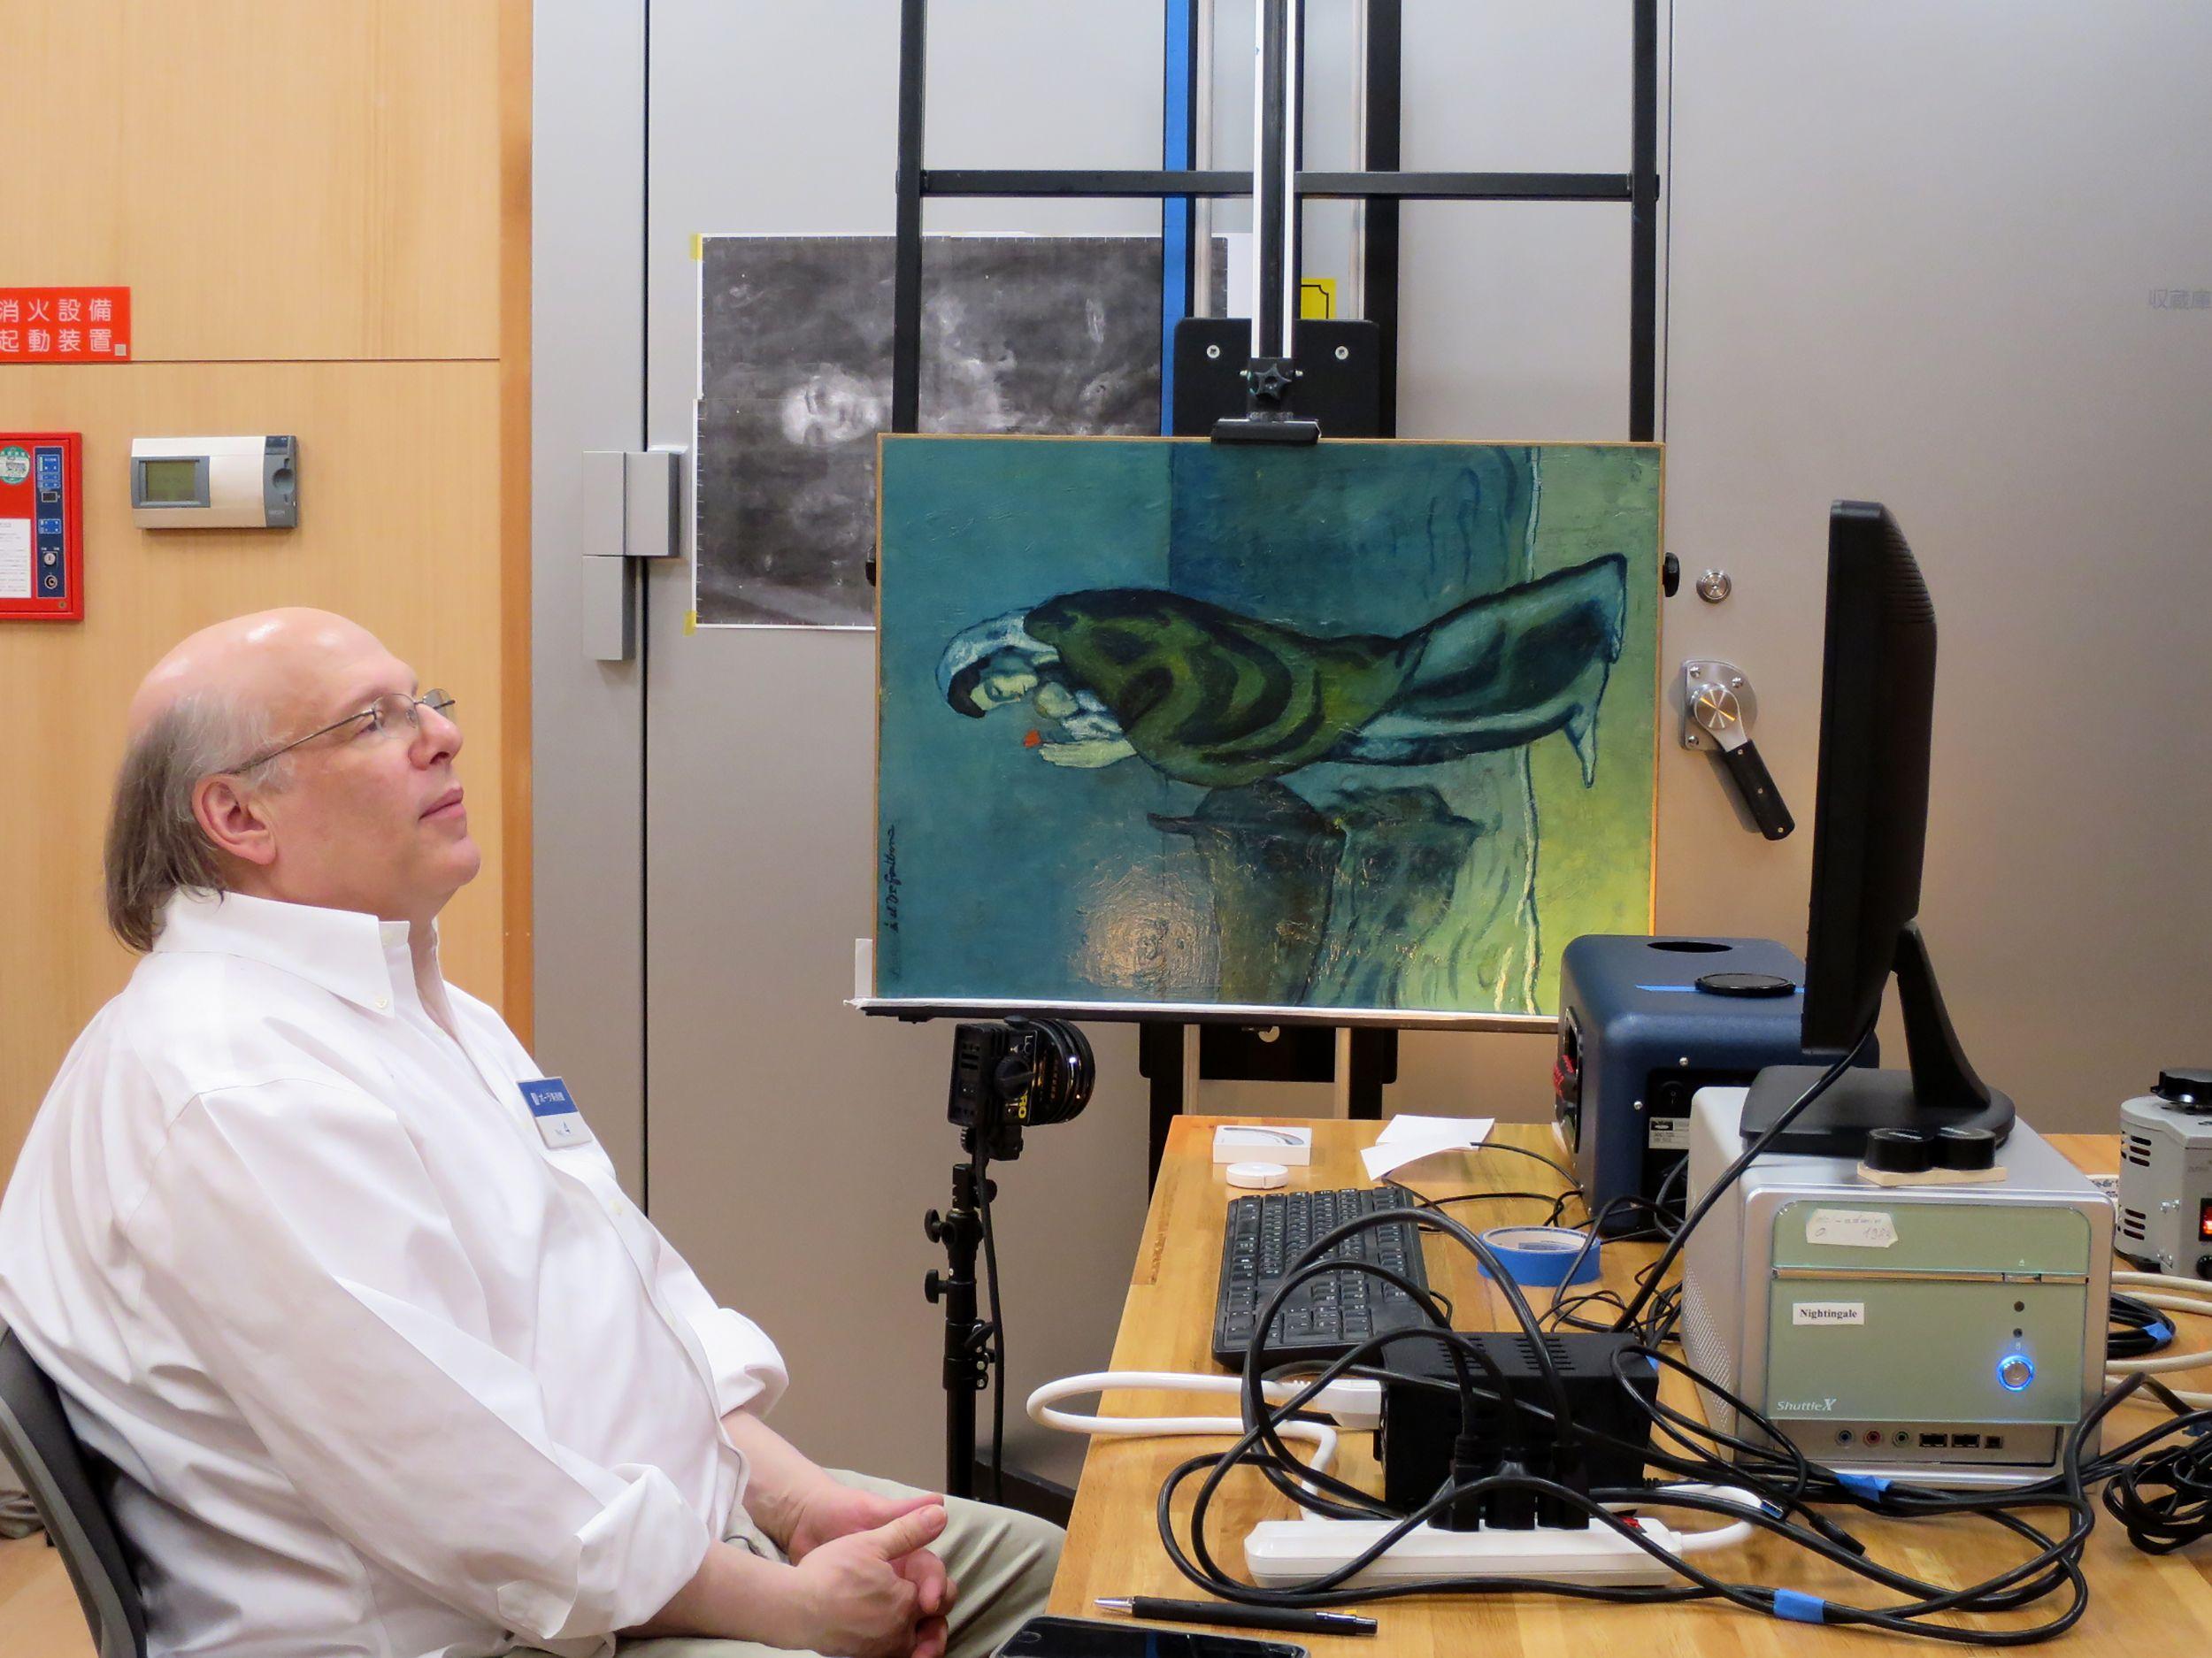 紅外線影像技術讓日本展出的一幅畢卡索(Pablo Picasso)畫作揭開祕辛。圖左為主導日本這項計畫的美國國家藝術博物館(National Gallery of Art)研究人員戴蘭尼(John Delaney)。Getty Images